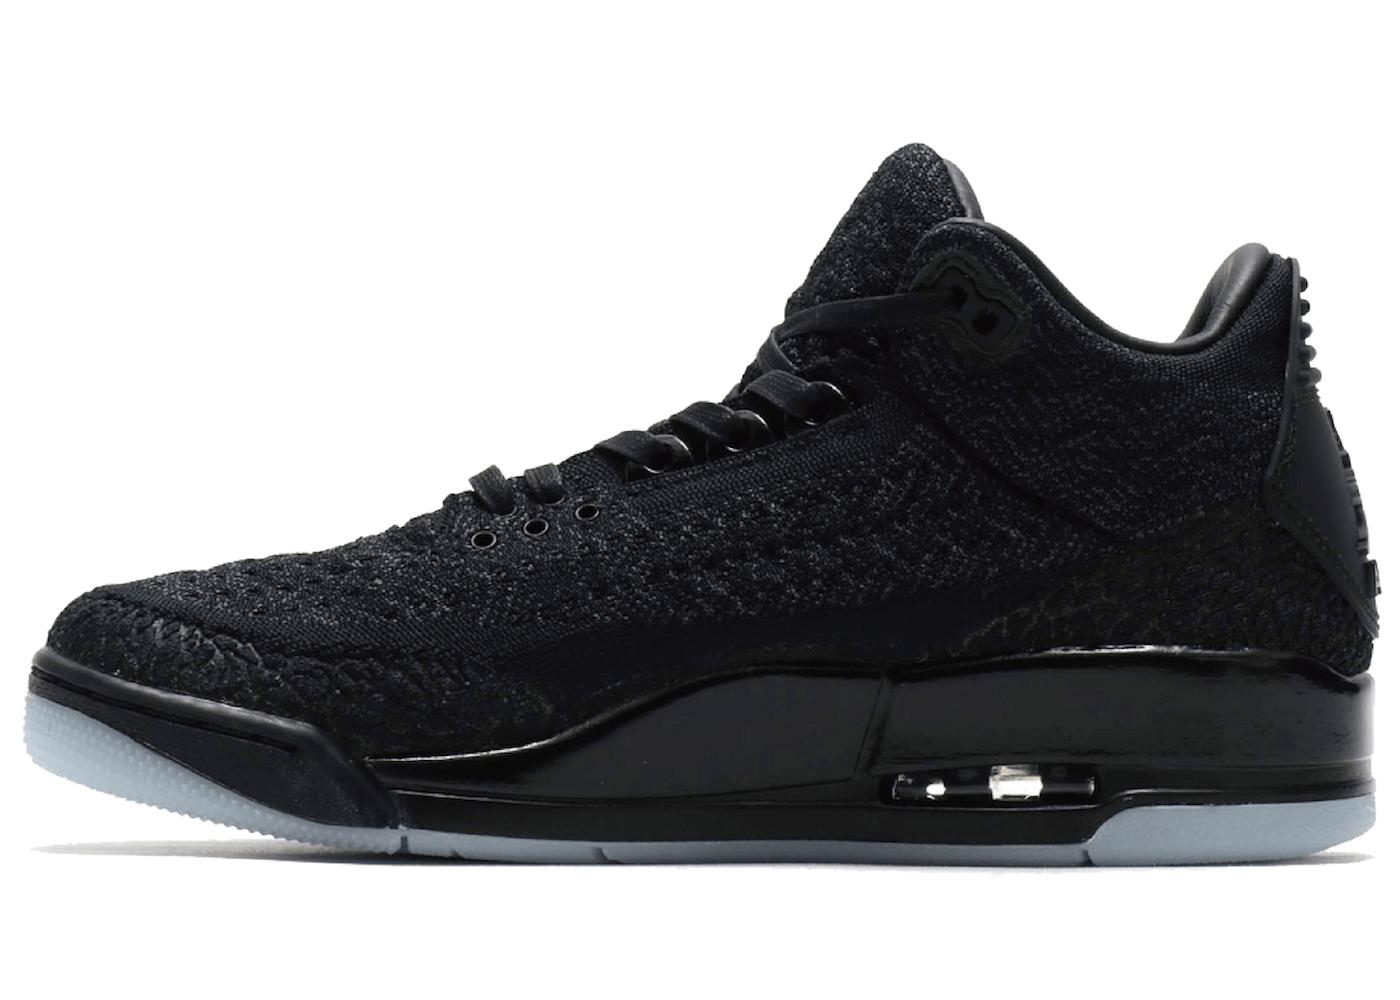 Nike Jordan 3 Retro Flynit Blackの写真